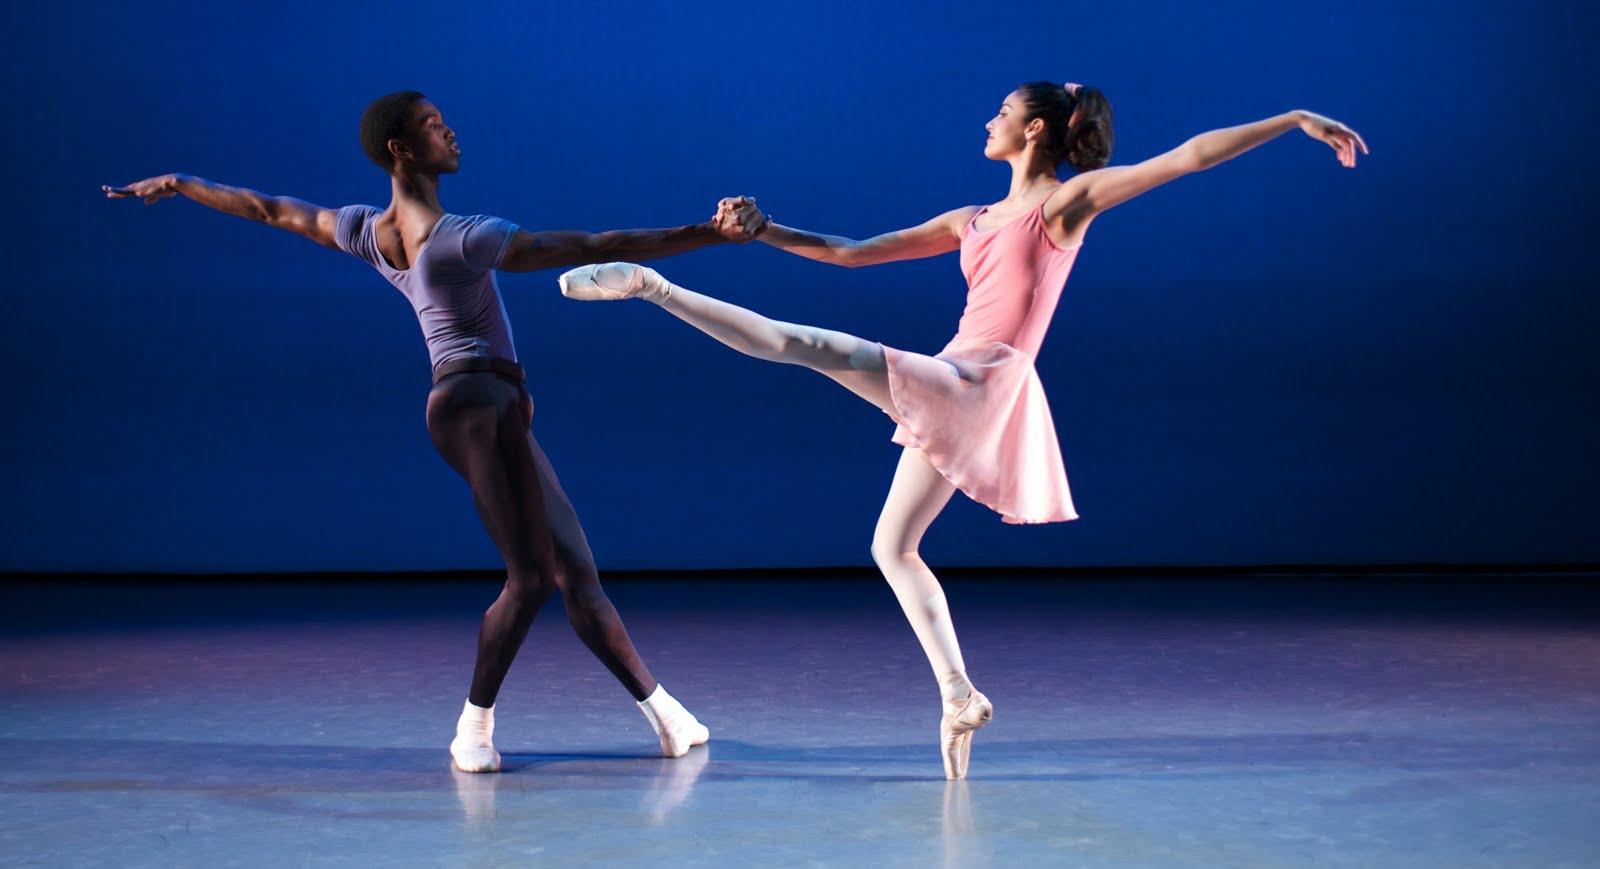 http://3.bp.blogspot.com/-n0BemUen4ME/TgTnHA2yV3I/AAAAAAAAAGE/tnL0INECej8/s1600/ABT_II_dancers_11-10.jpg